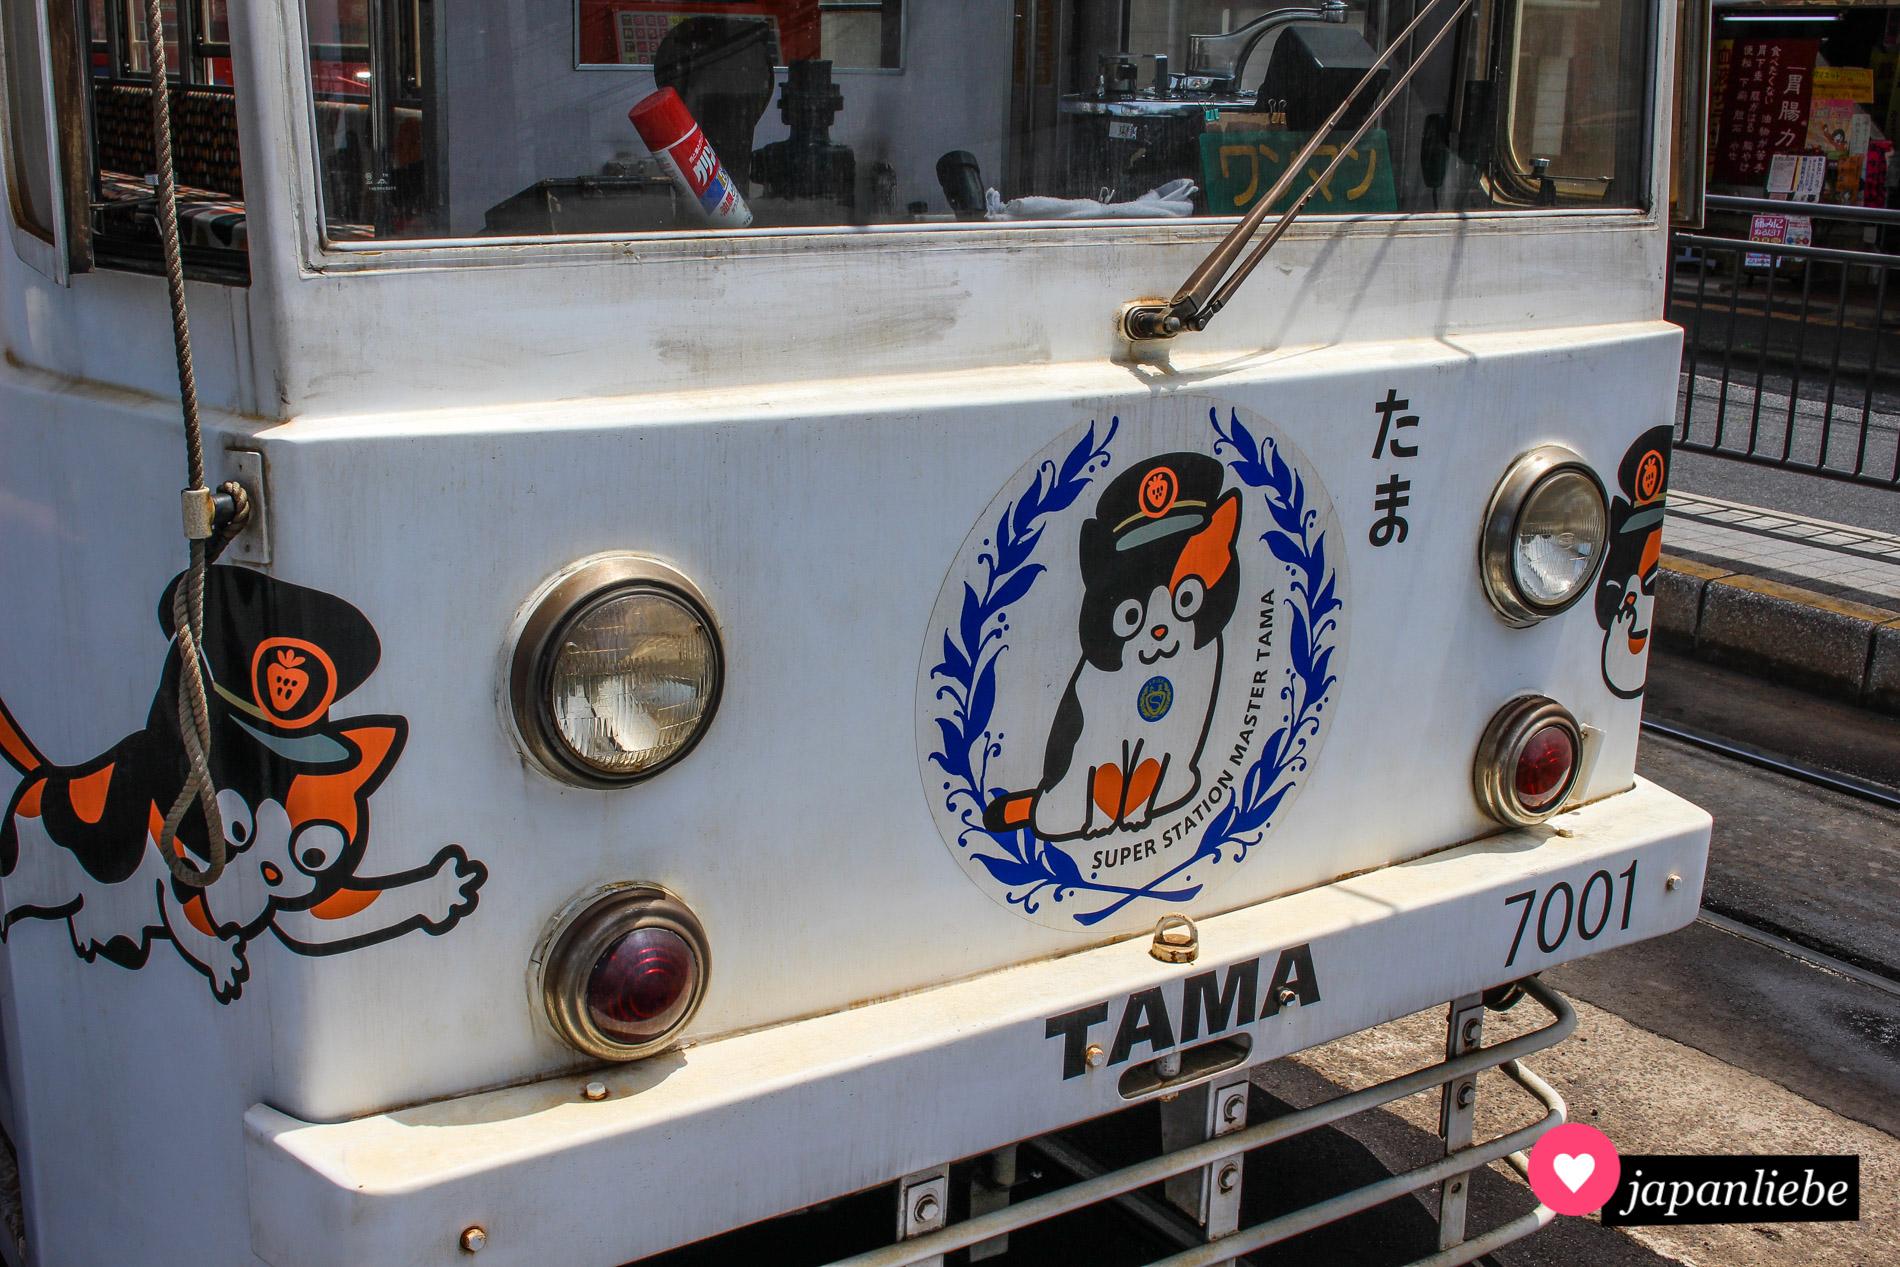 """Die Katzentram von Okayama erinnert an """"Super Station Master Tama""""."""